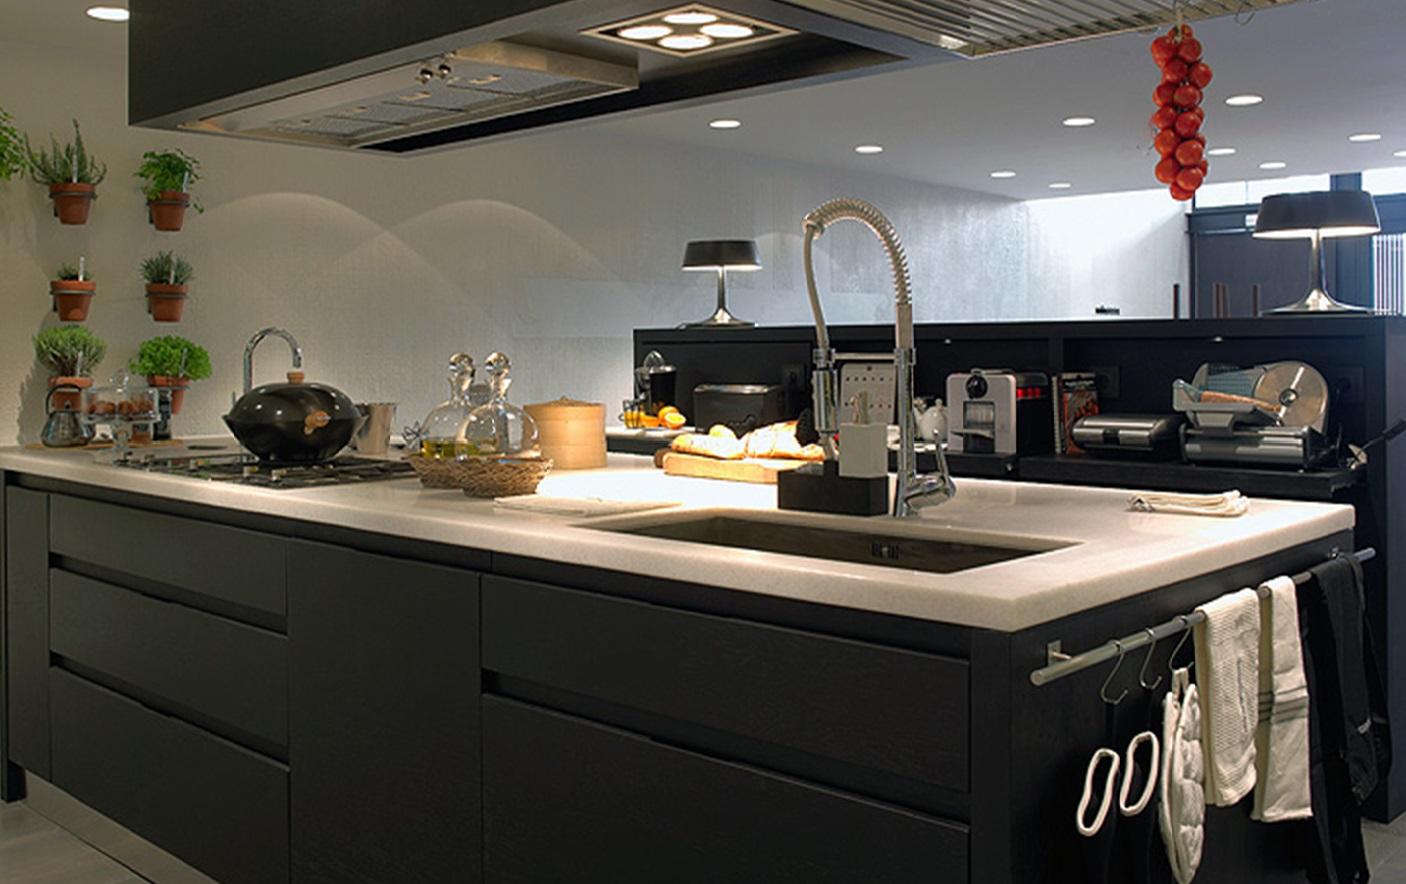 Cocinas industriales - Muebles de cocina - Auró Kitchens